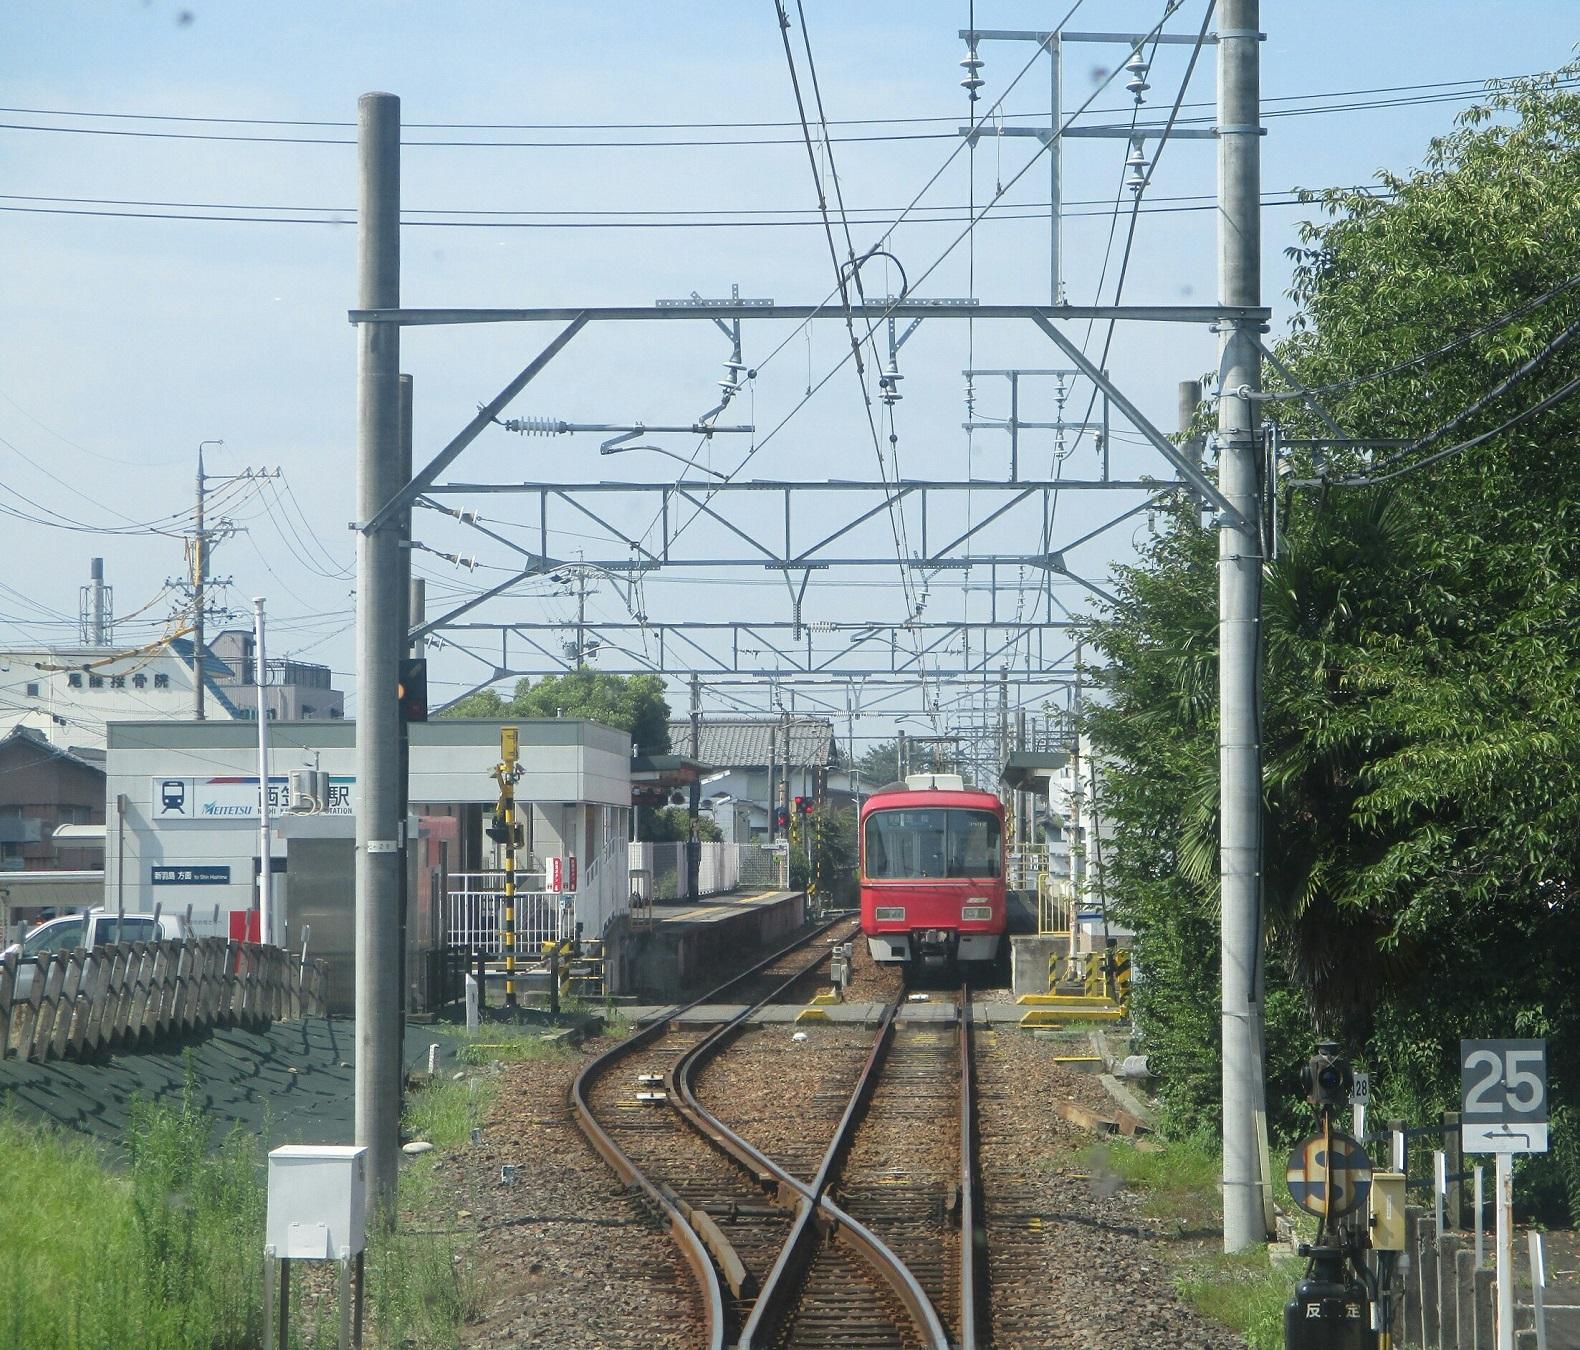 2018.7.18 (29) 新羽島いきふつう - 西笠松 1580-1350